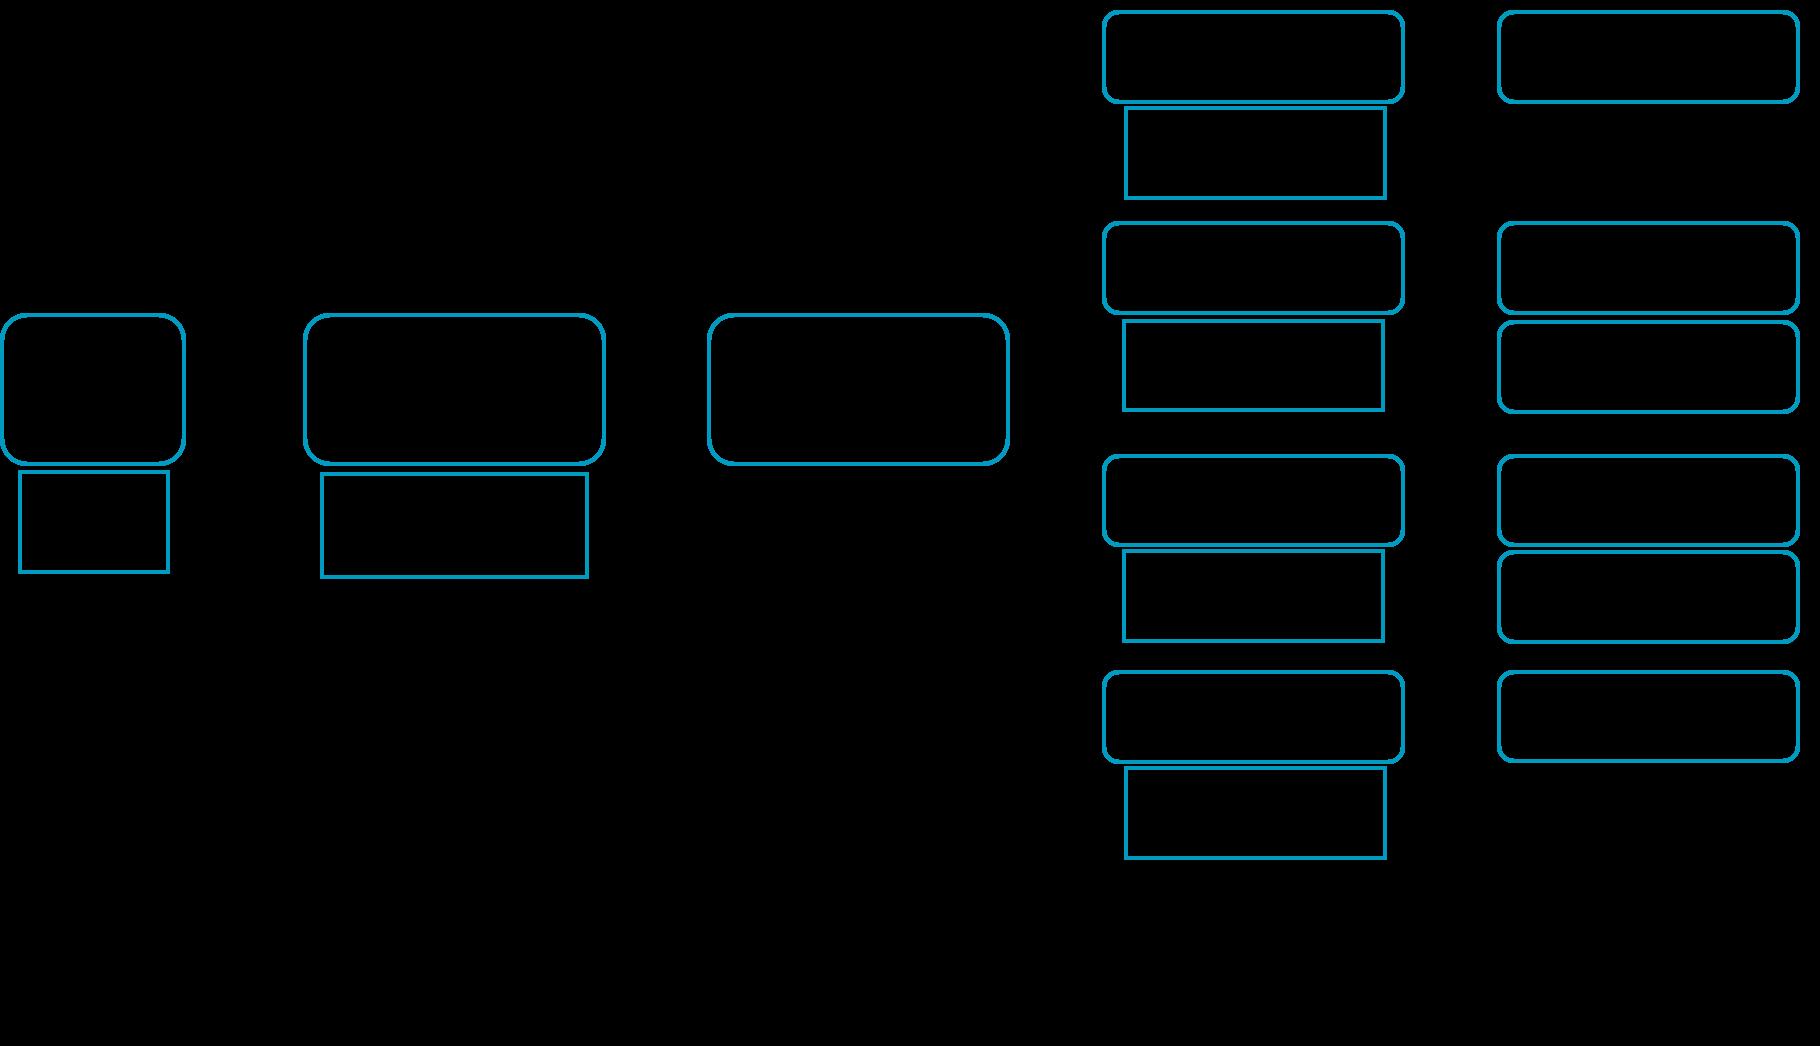 ETIM Klassifizierung Beispiel